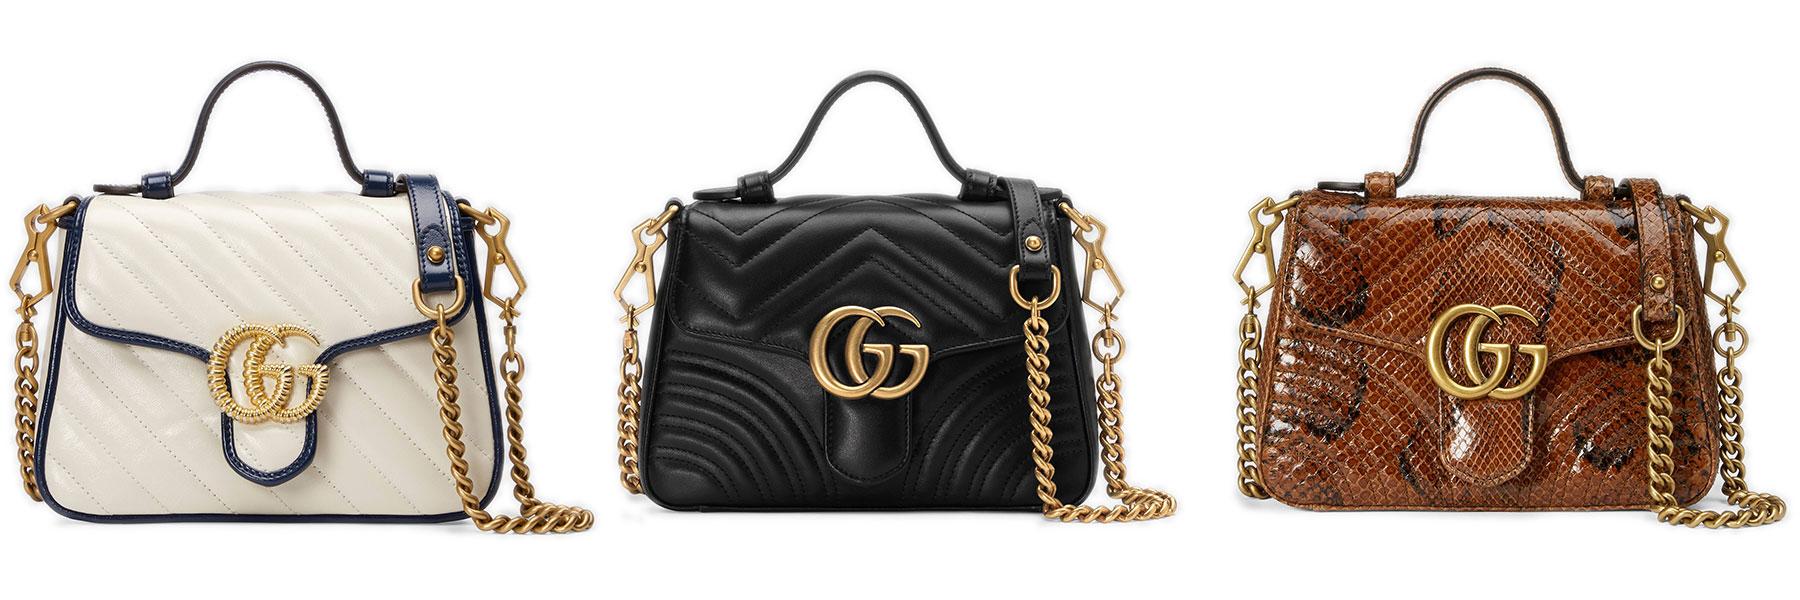 Có nên đầu tư mua túi Gucci GG Marmont? | Review 5